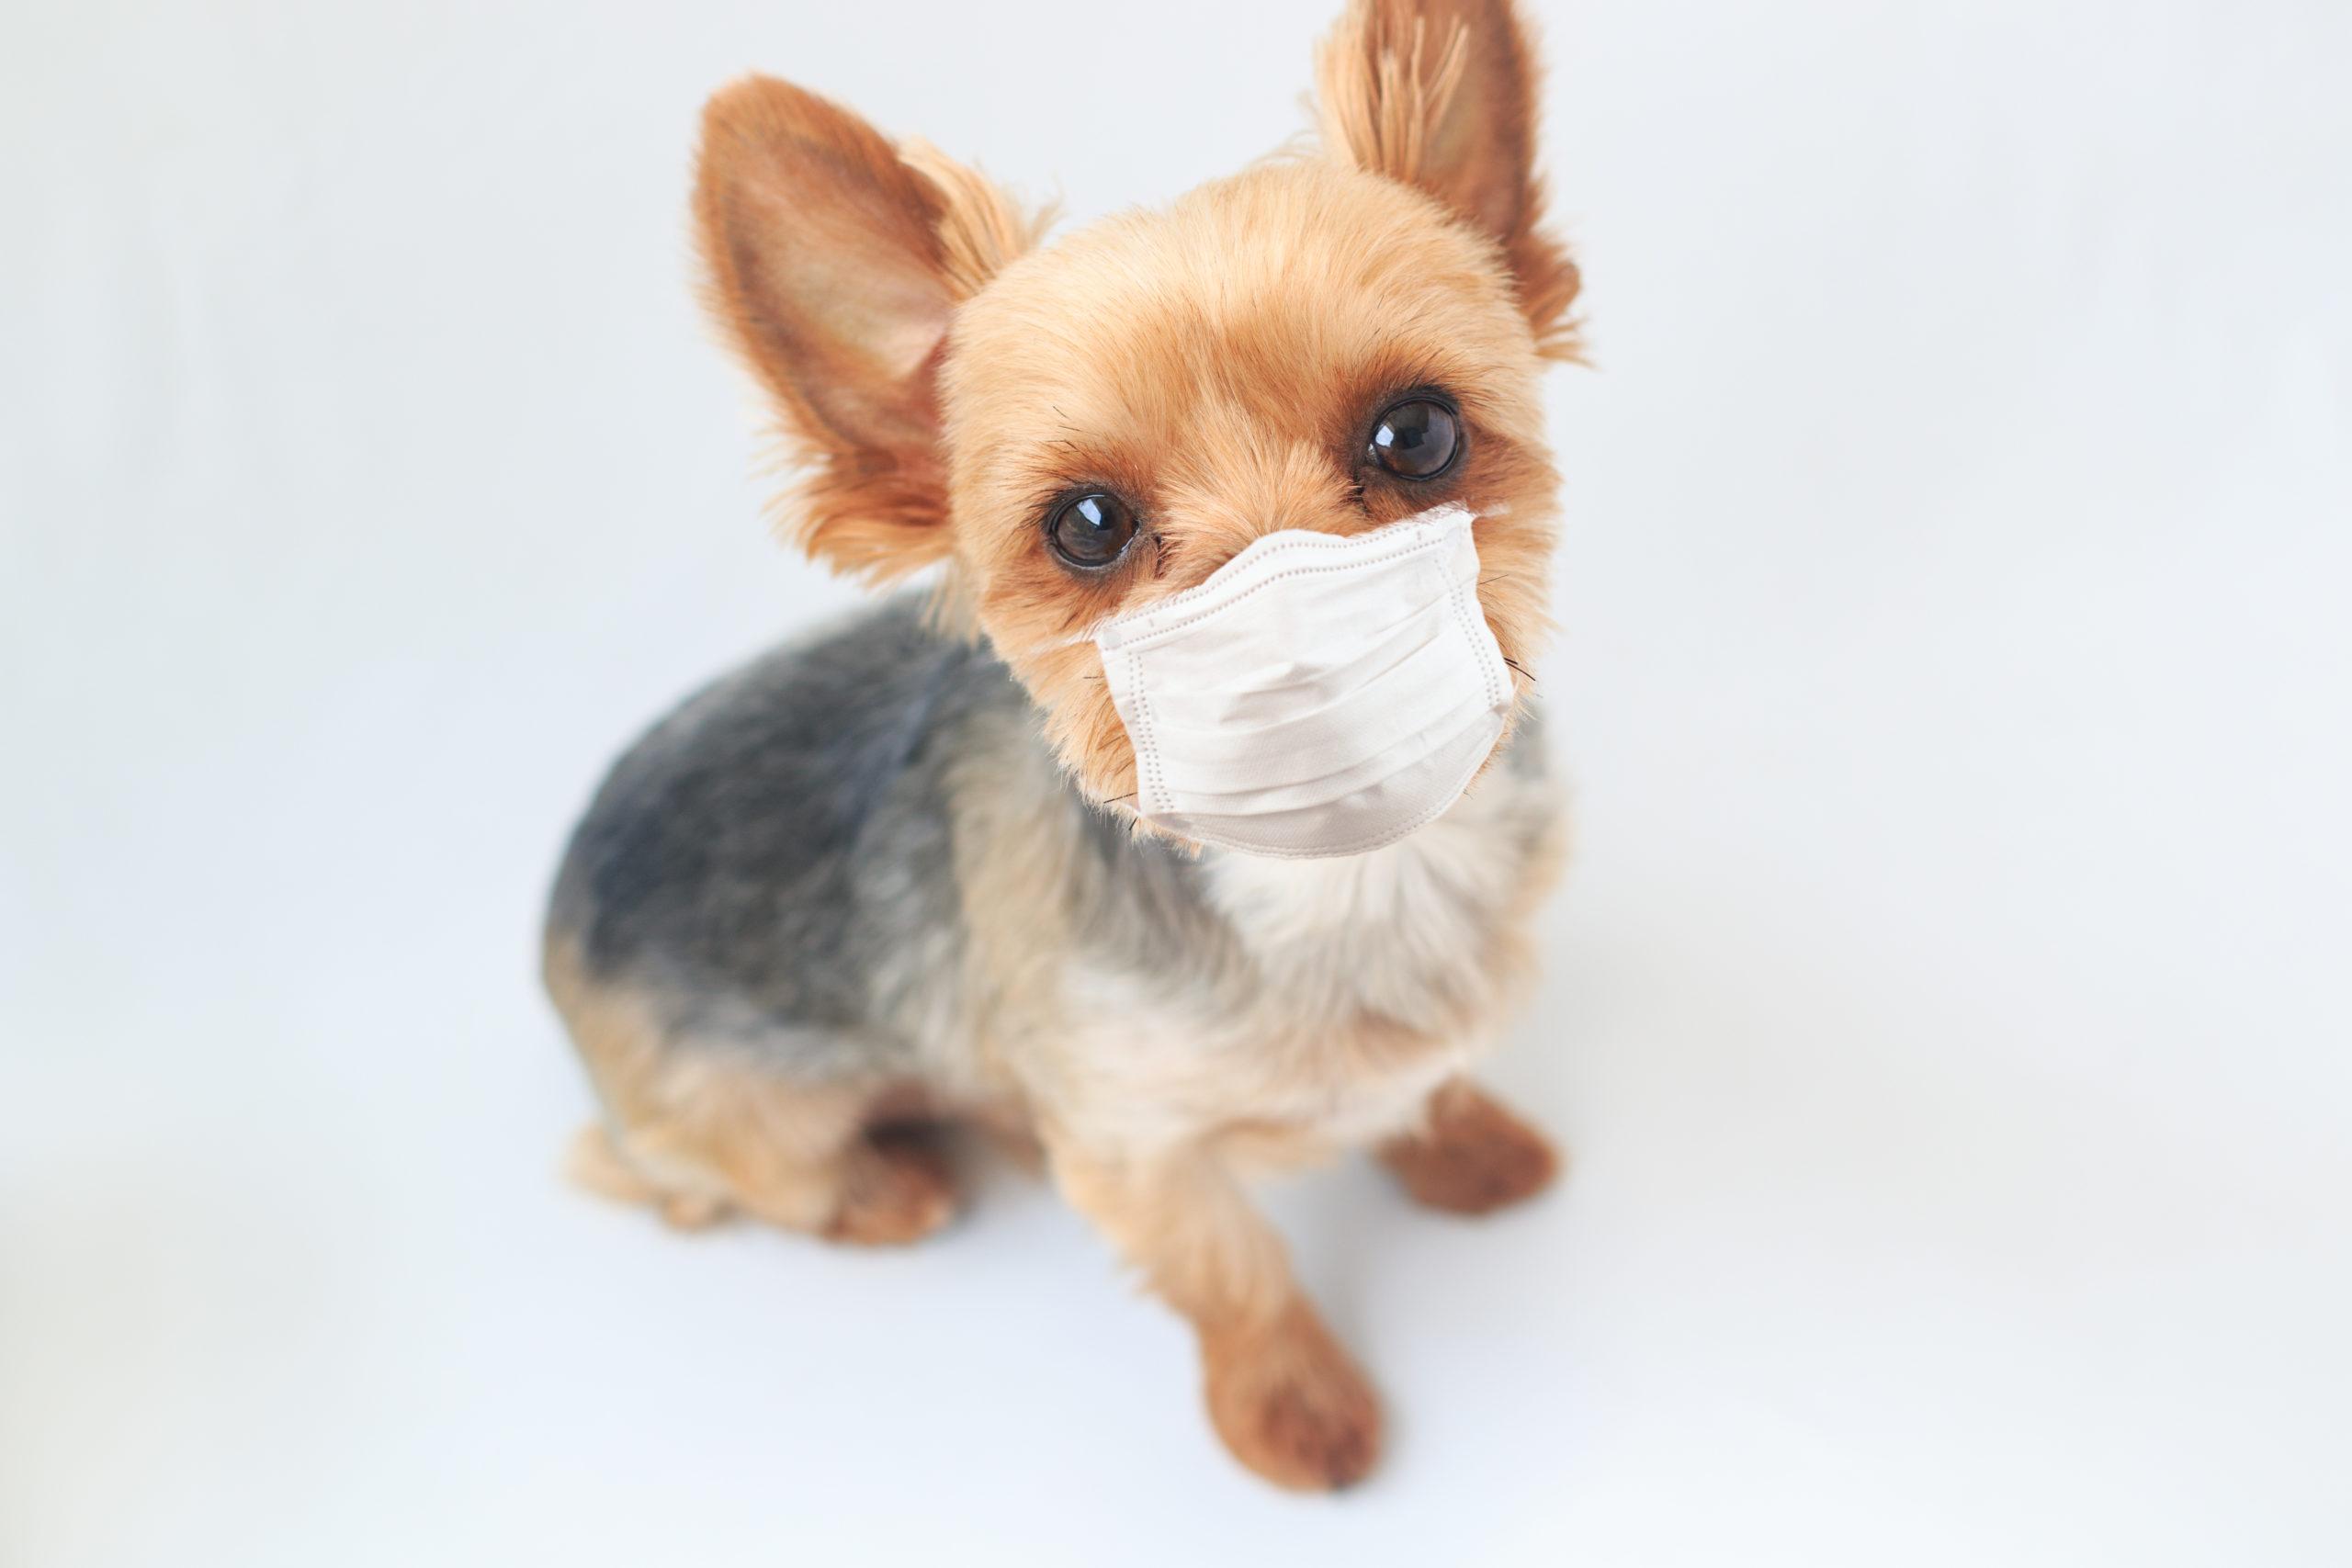 マスクする犬